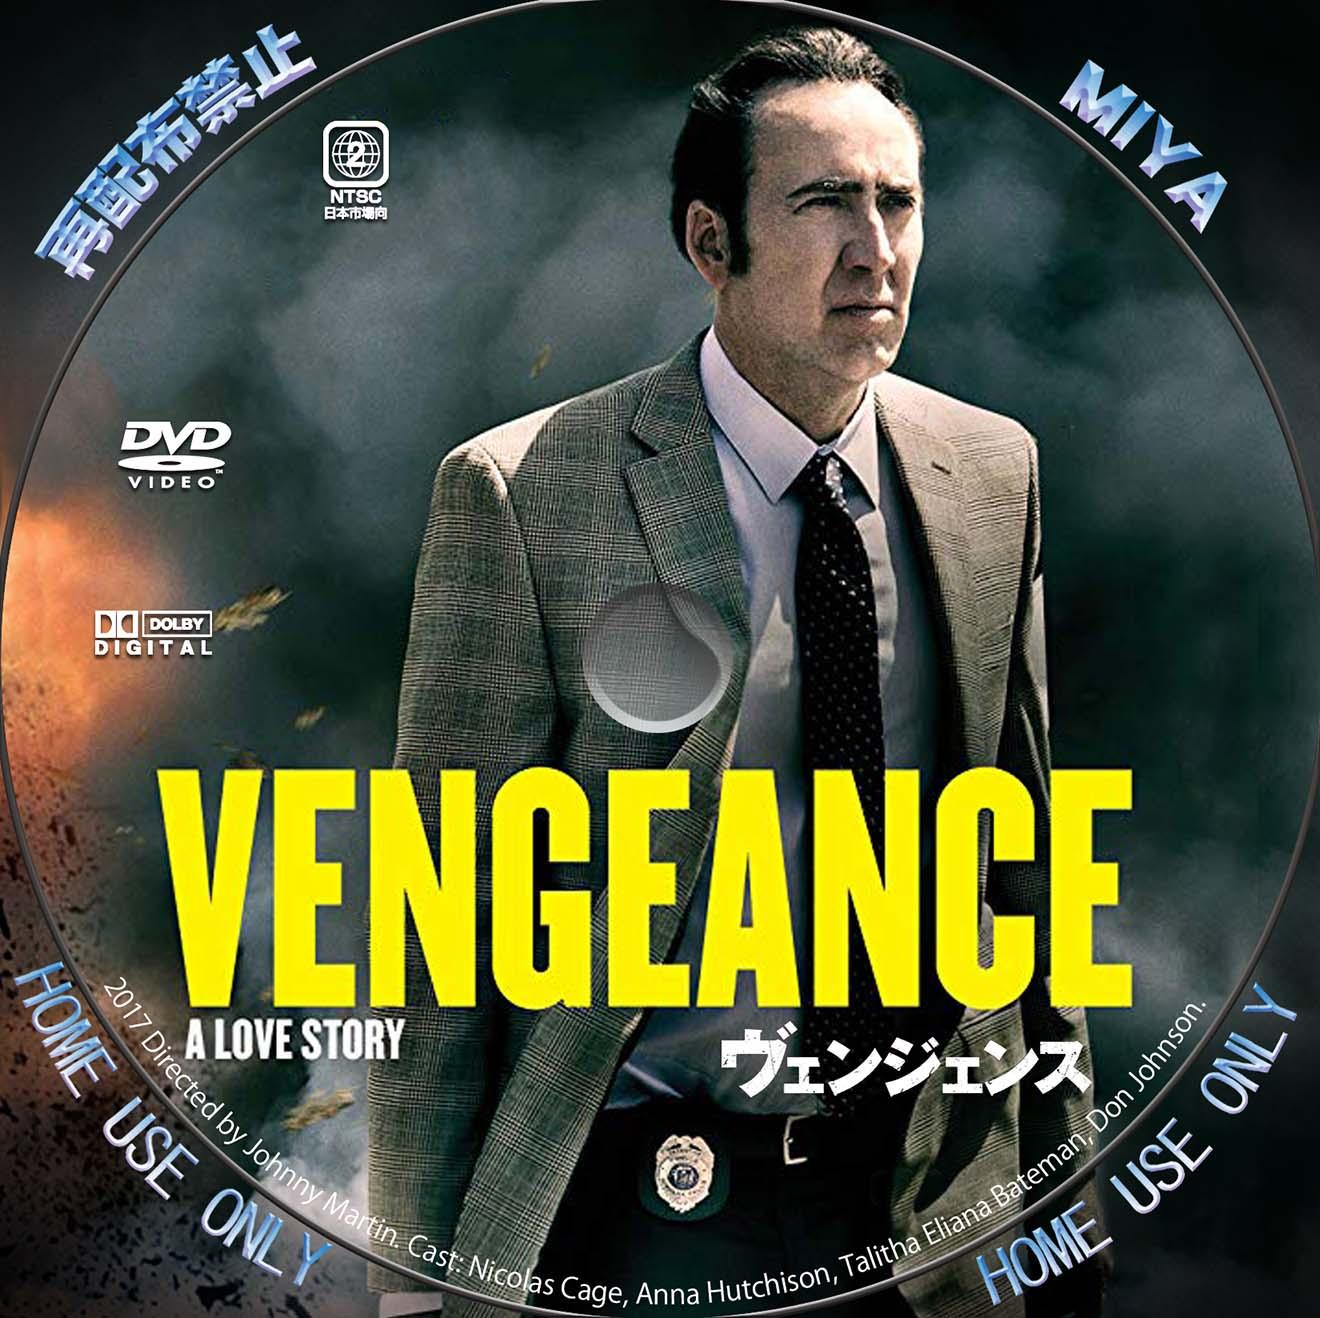 ヴェンジェンス DVD/BDレーベル